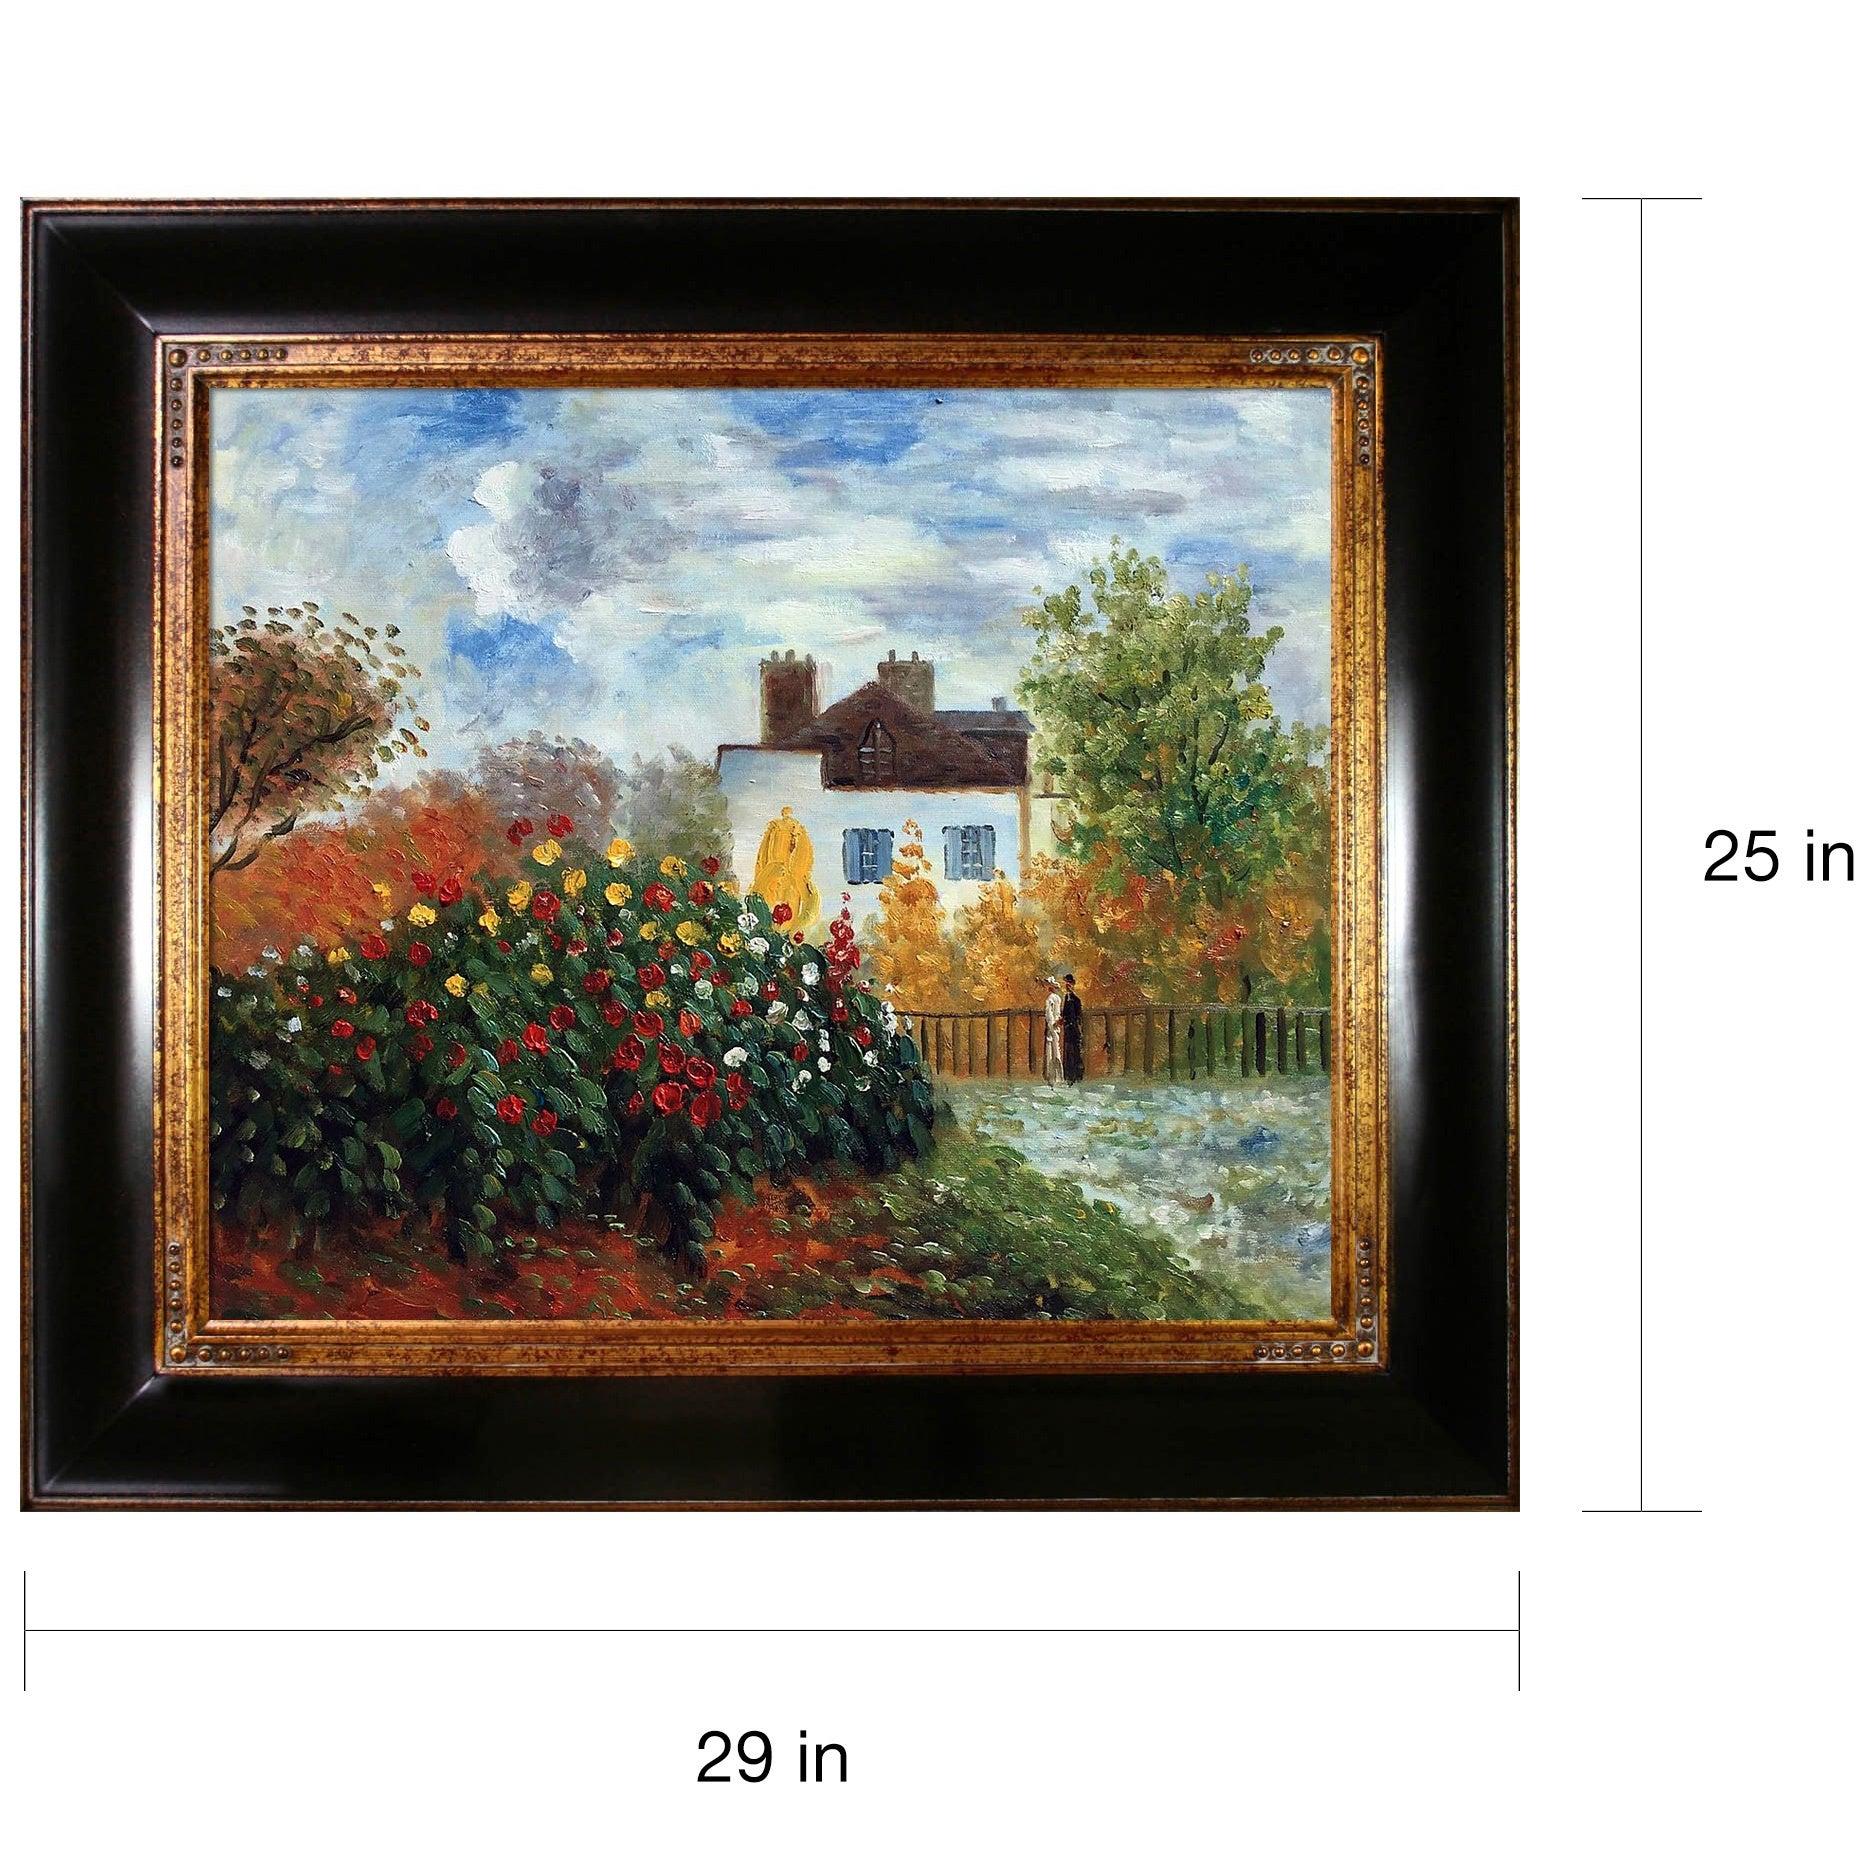 Claude Monet The Garden of Monet Hand Painted Oil Reproduction 25c0eae7 8460 466d 9540 e cff3c7